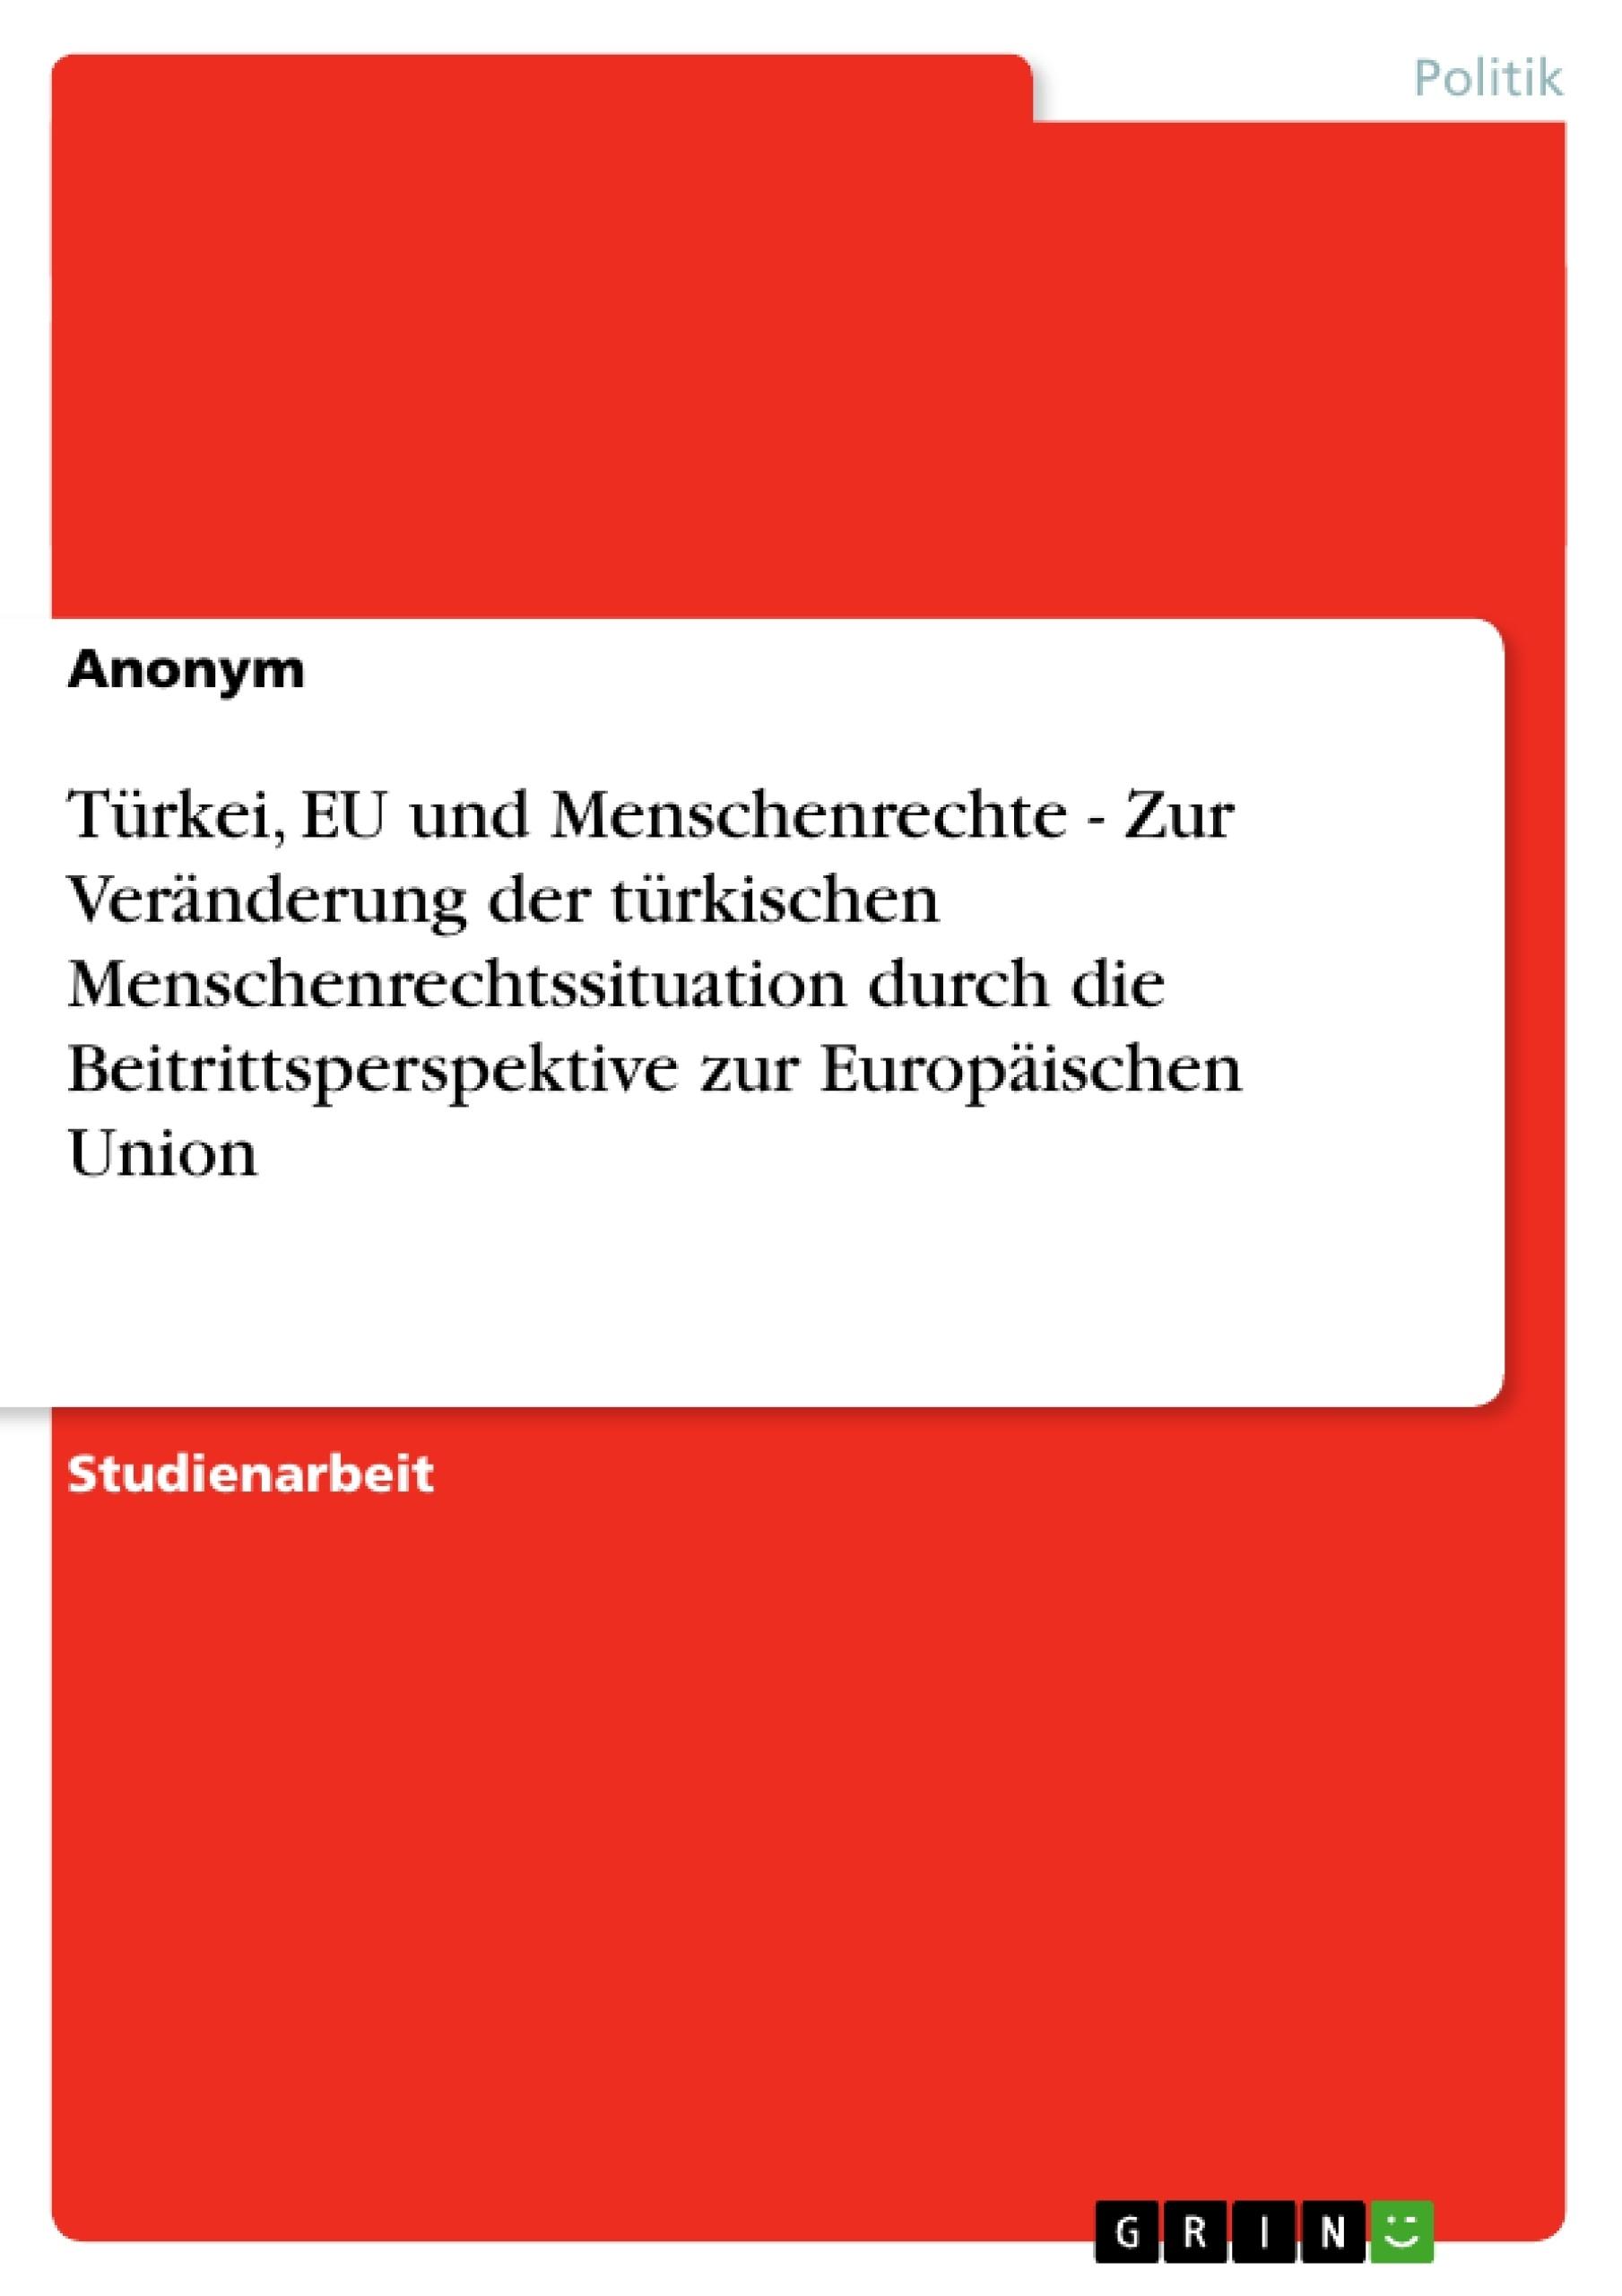 Titel: Türkei, EU und Menschenrechte - Zur Veränderung der türkischen Menschenrechtssituation durch die Beitrittsperspektive zur Europäischen Union